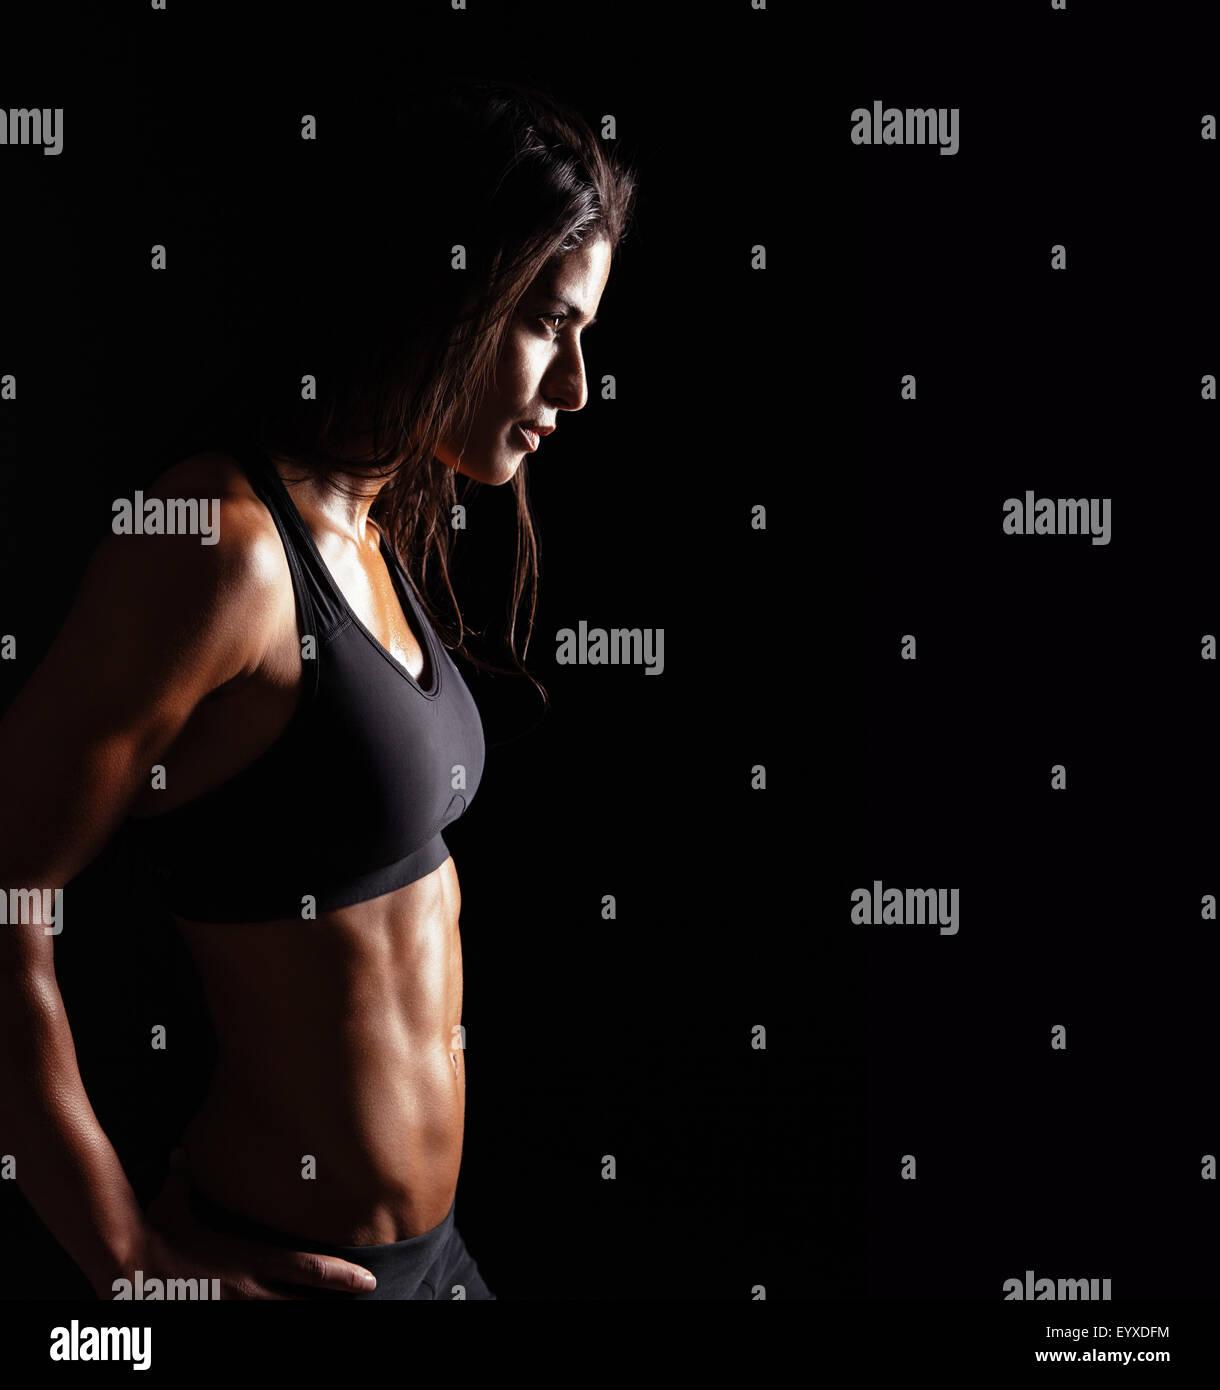 Image de la femme dans les vêtements de sport fitness à la voiture sur fond noir. Jeune femme avec un Photo Stock